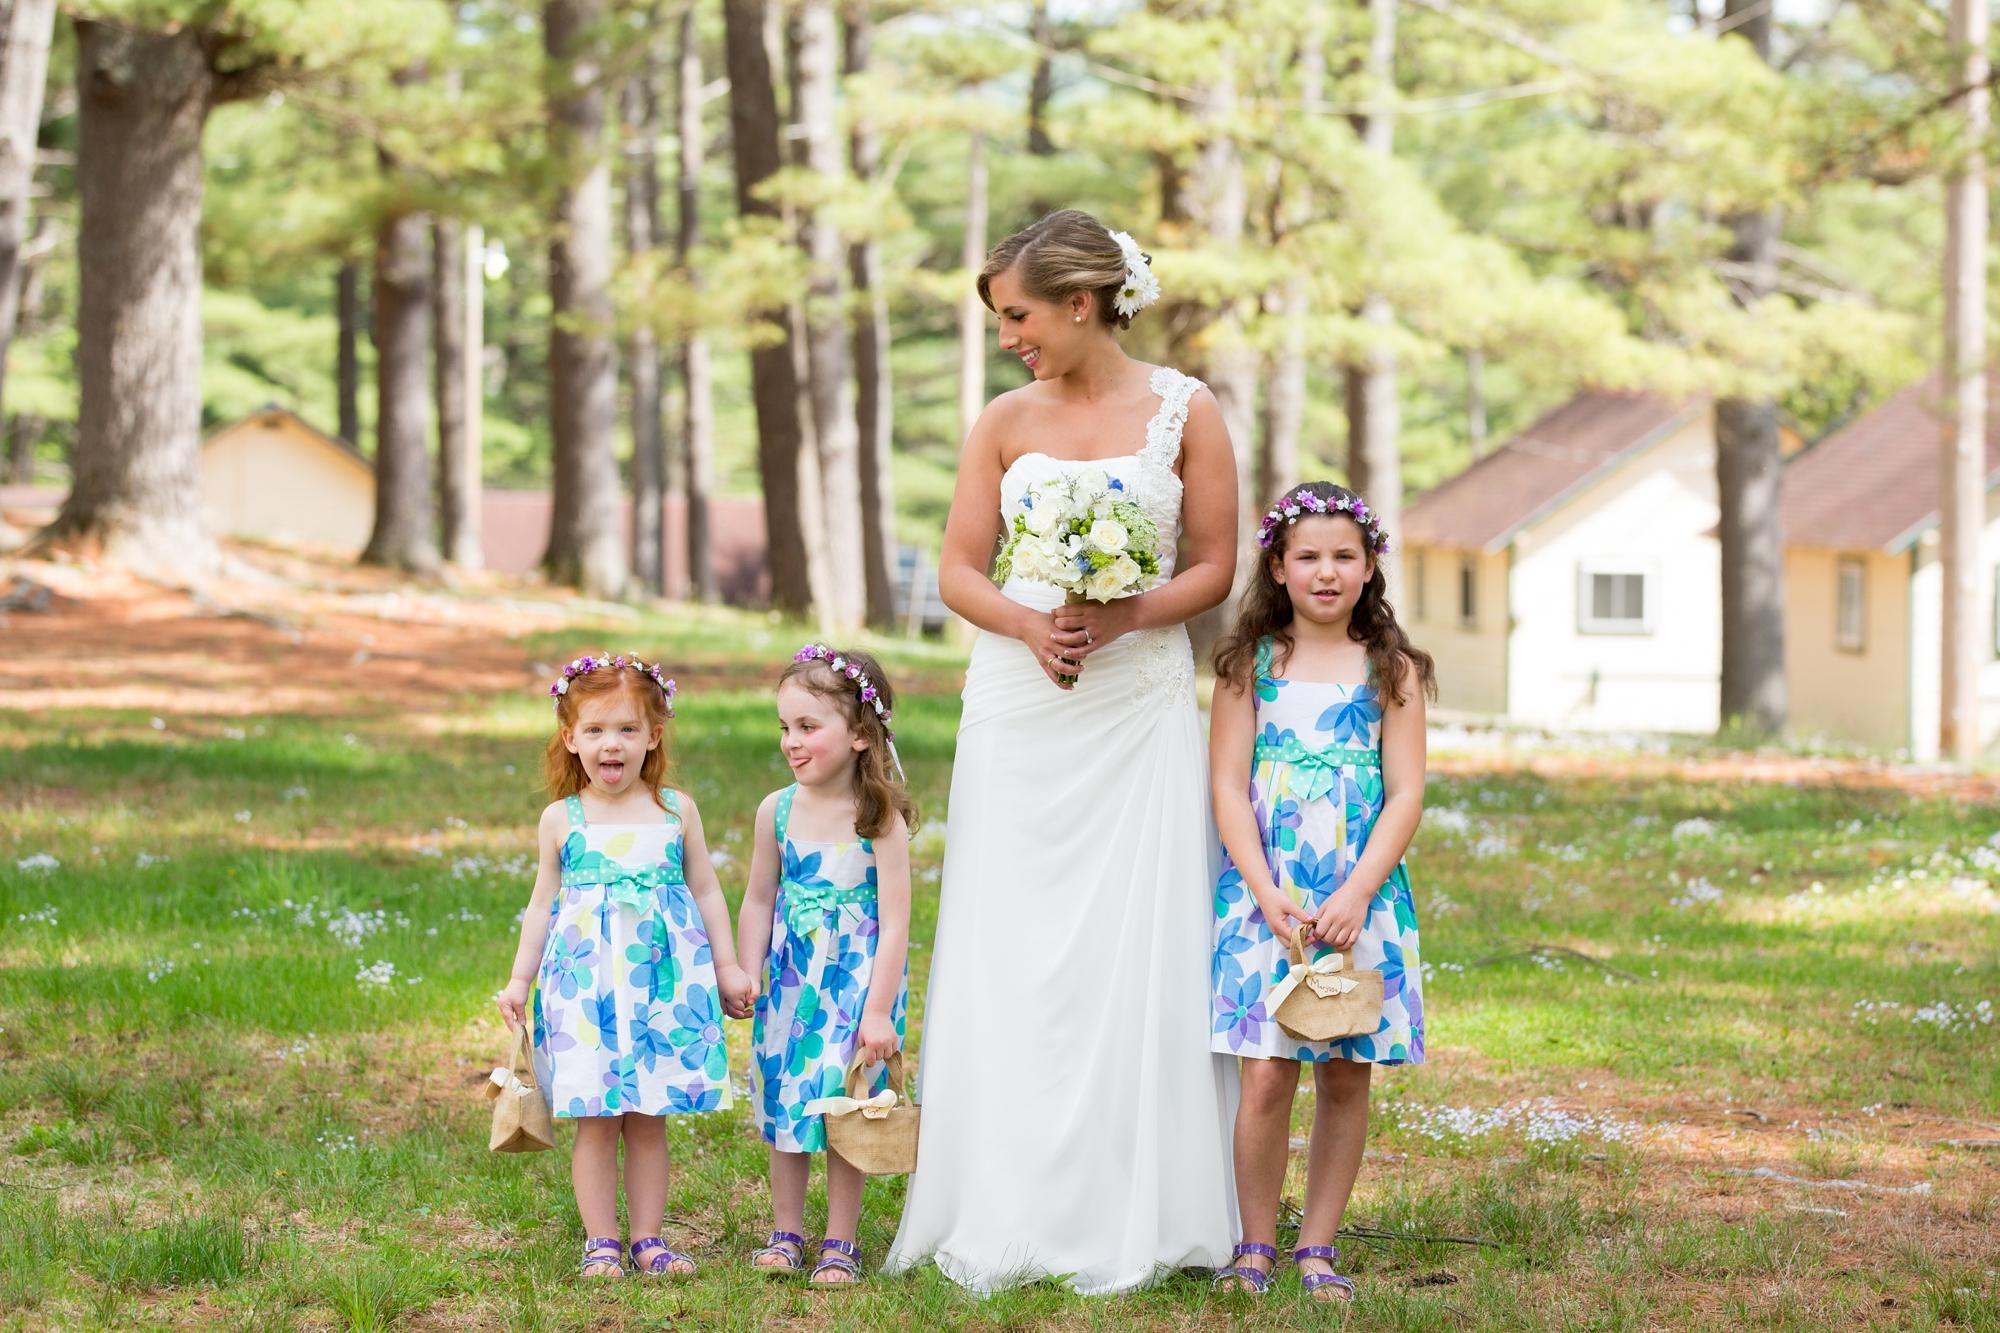 Albany NY Wedding Photographer Justin Tibbitts Photography 2014 Best of Albany NY Weddings-46310832